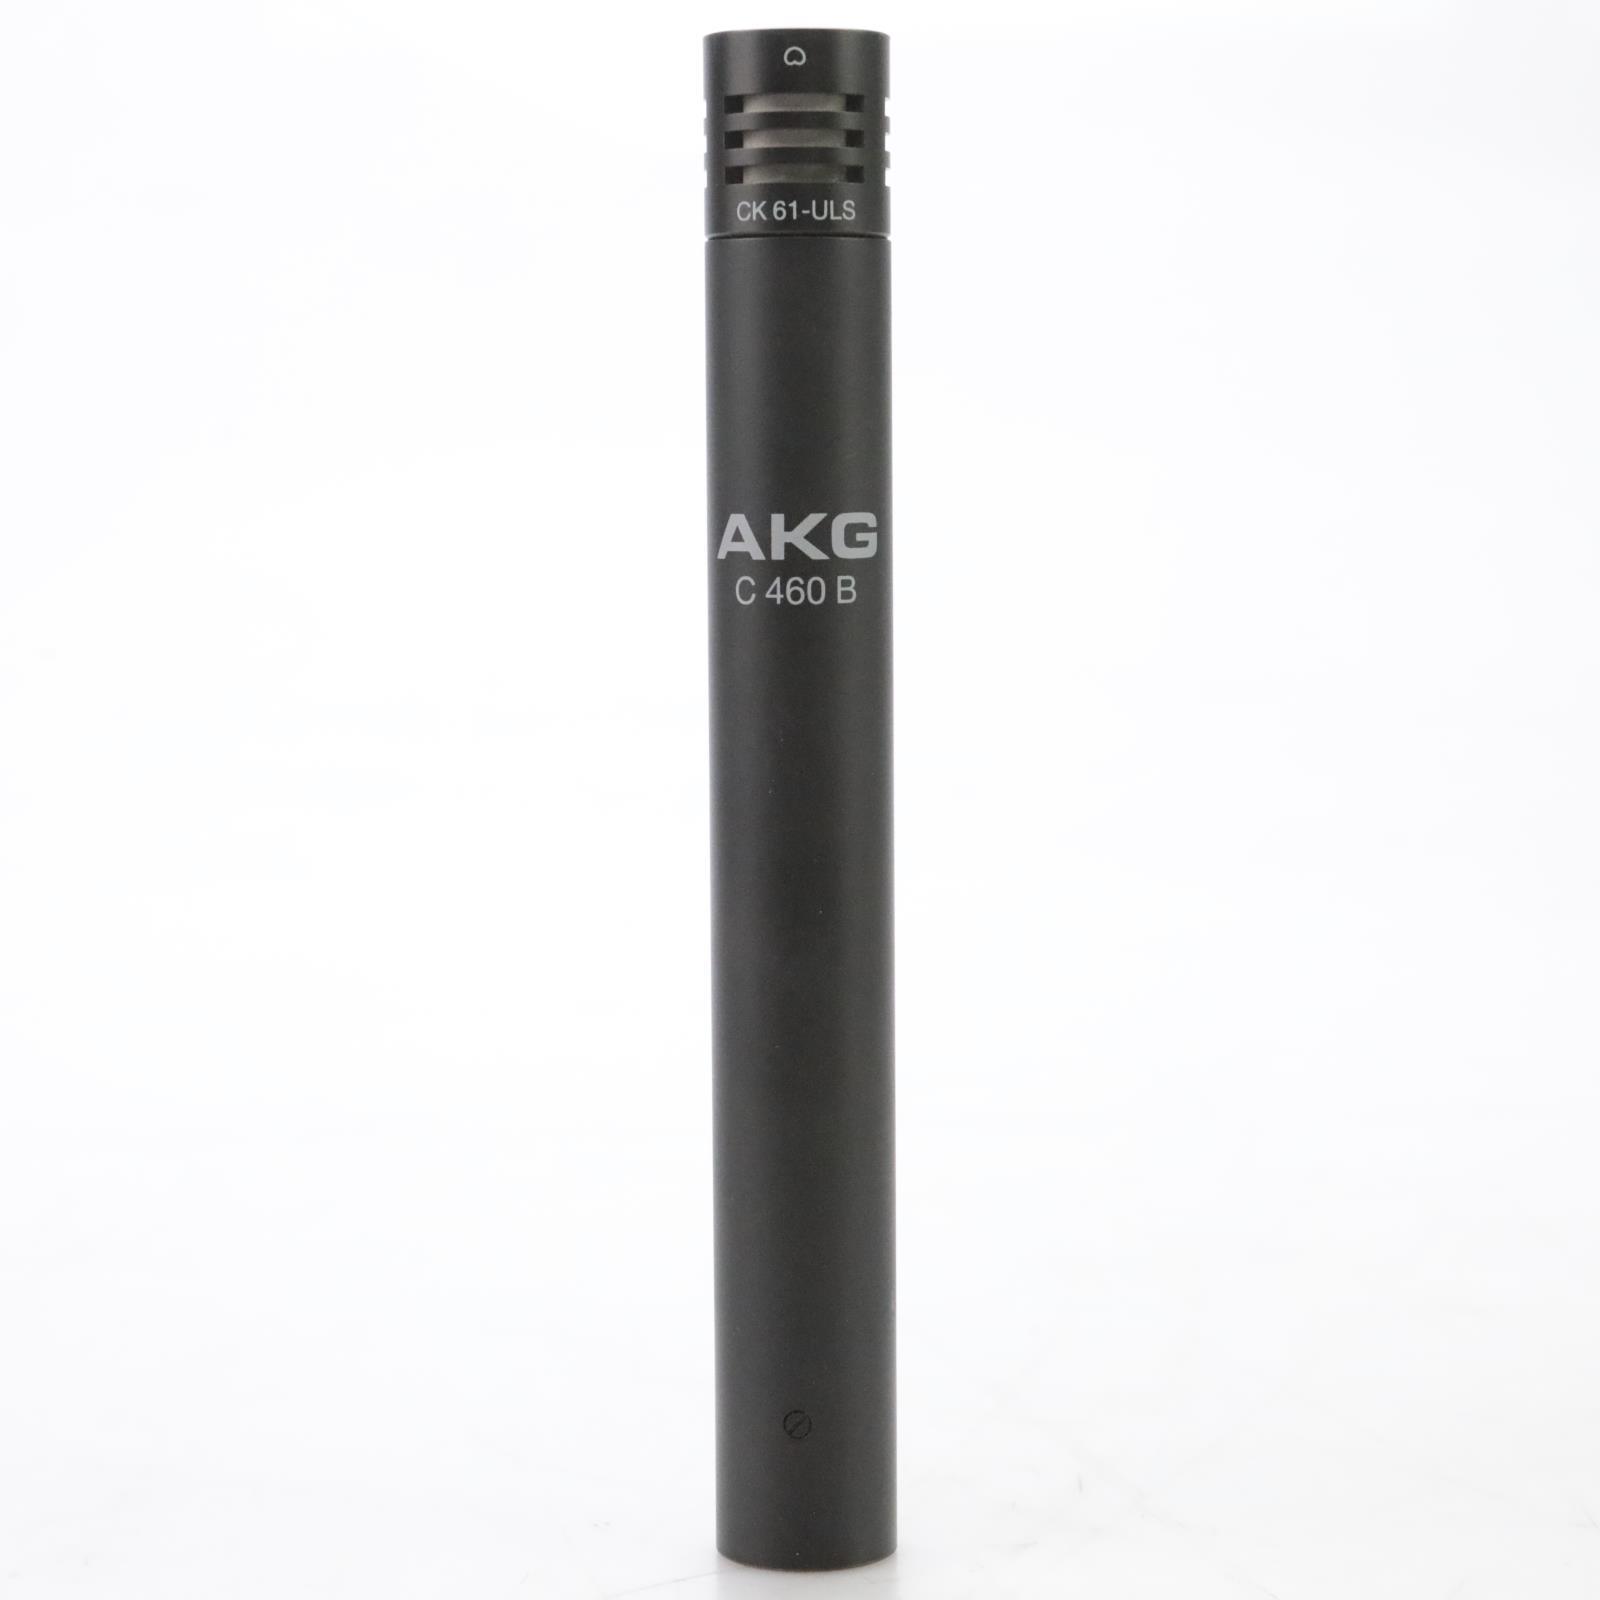 AKG C 460 B Small-Diaphragm Condenser Microphone w/ Case & Mic Clip #45019